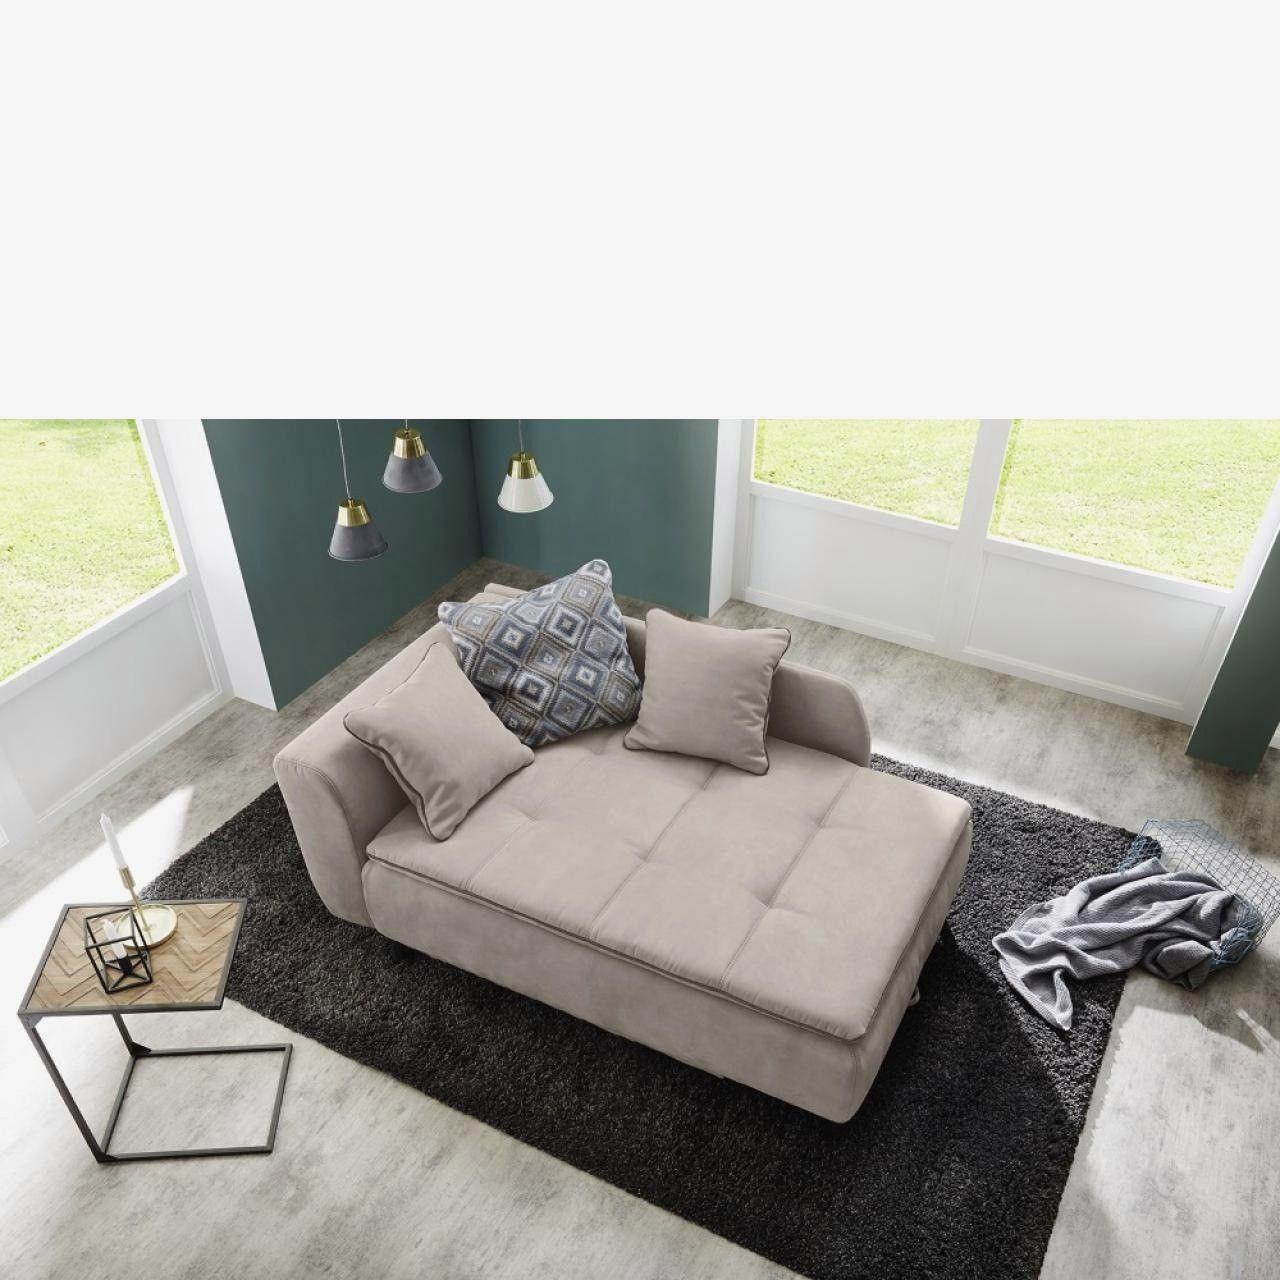 Full Size of Sofa Mit Boxen Lautsprecher Und Licht Led Integrierten Poco Couch Musikboxen Bluetooth Big Back Table Unique Einzigartig Einbauküche E Geräten 3 Sitzer Sofa Sofa Mit Boxen